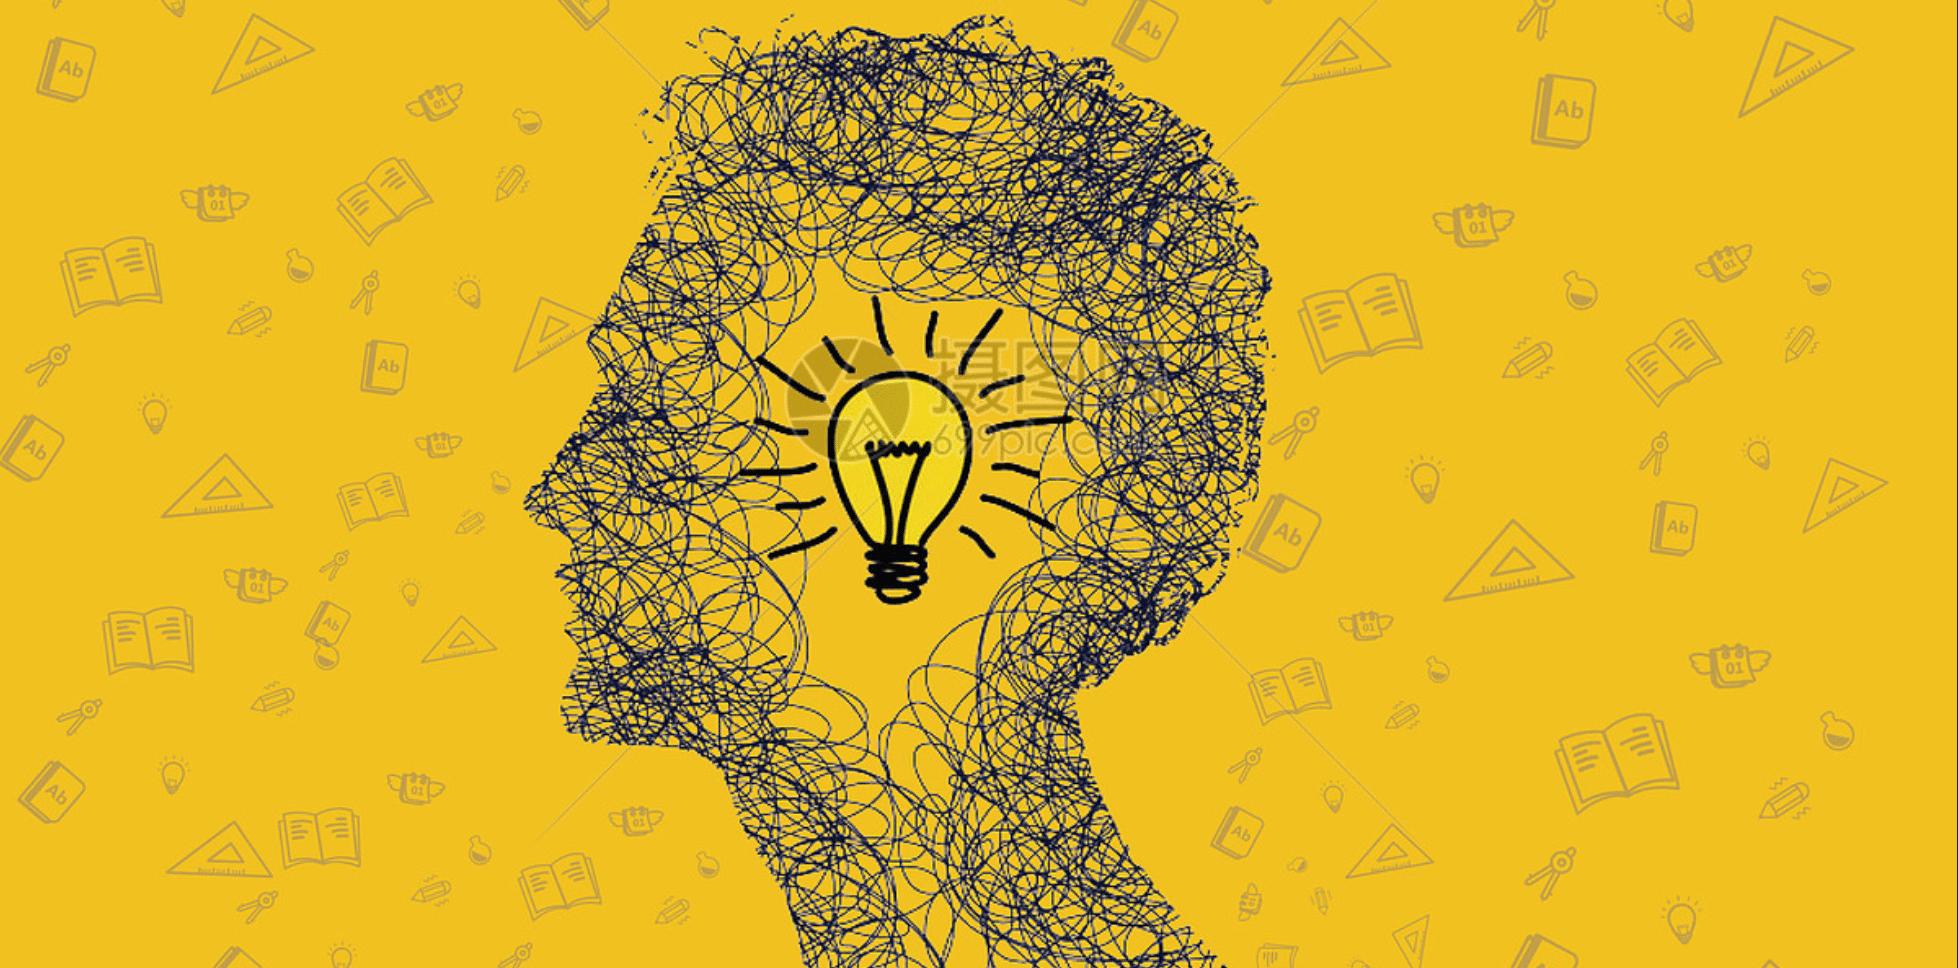 如何激发创新想法?8个头脑风暴的最佳实践